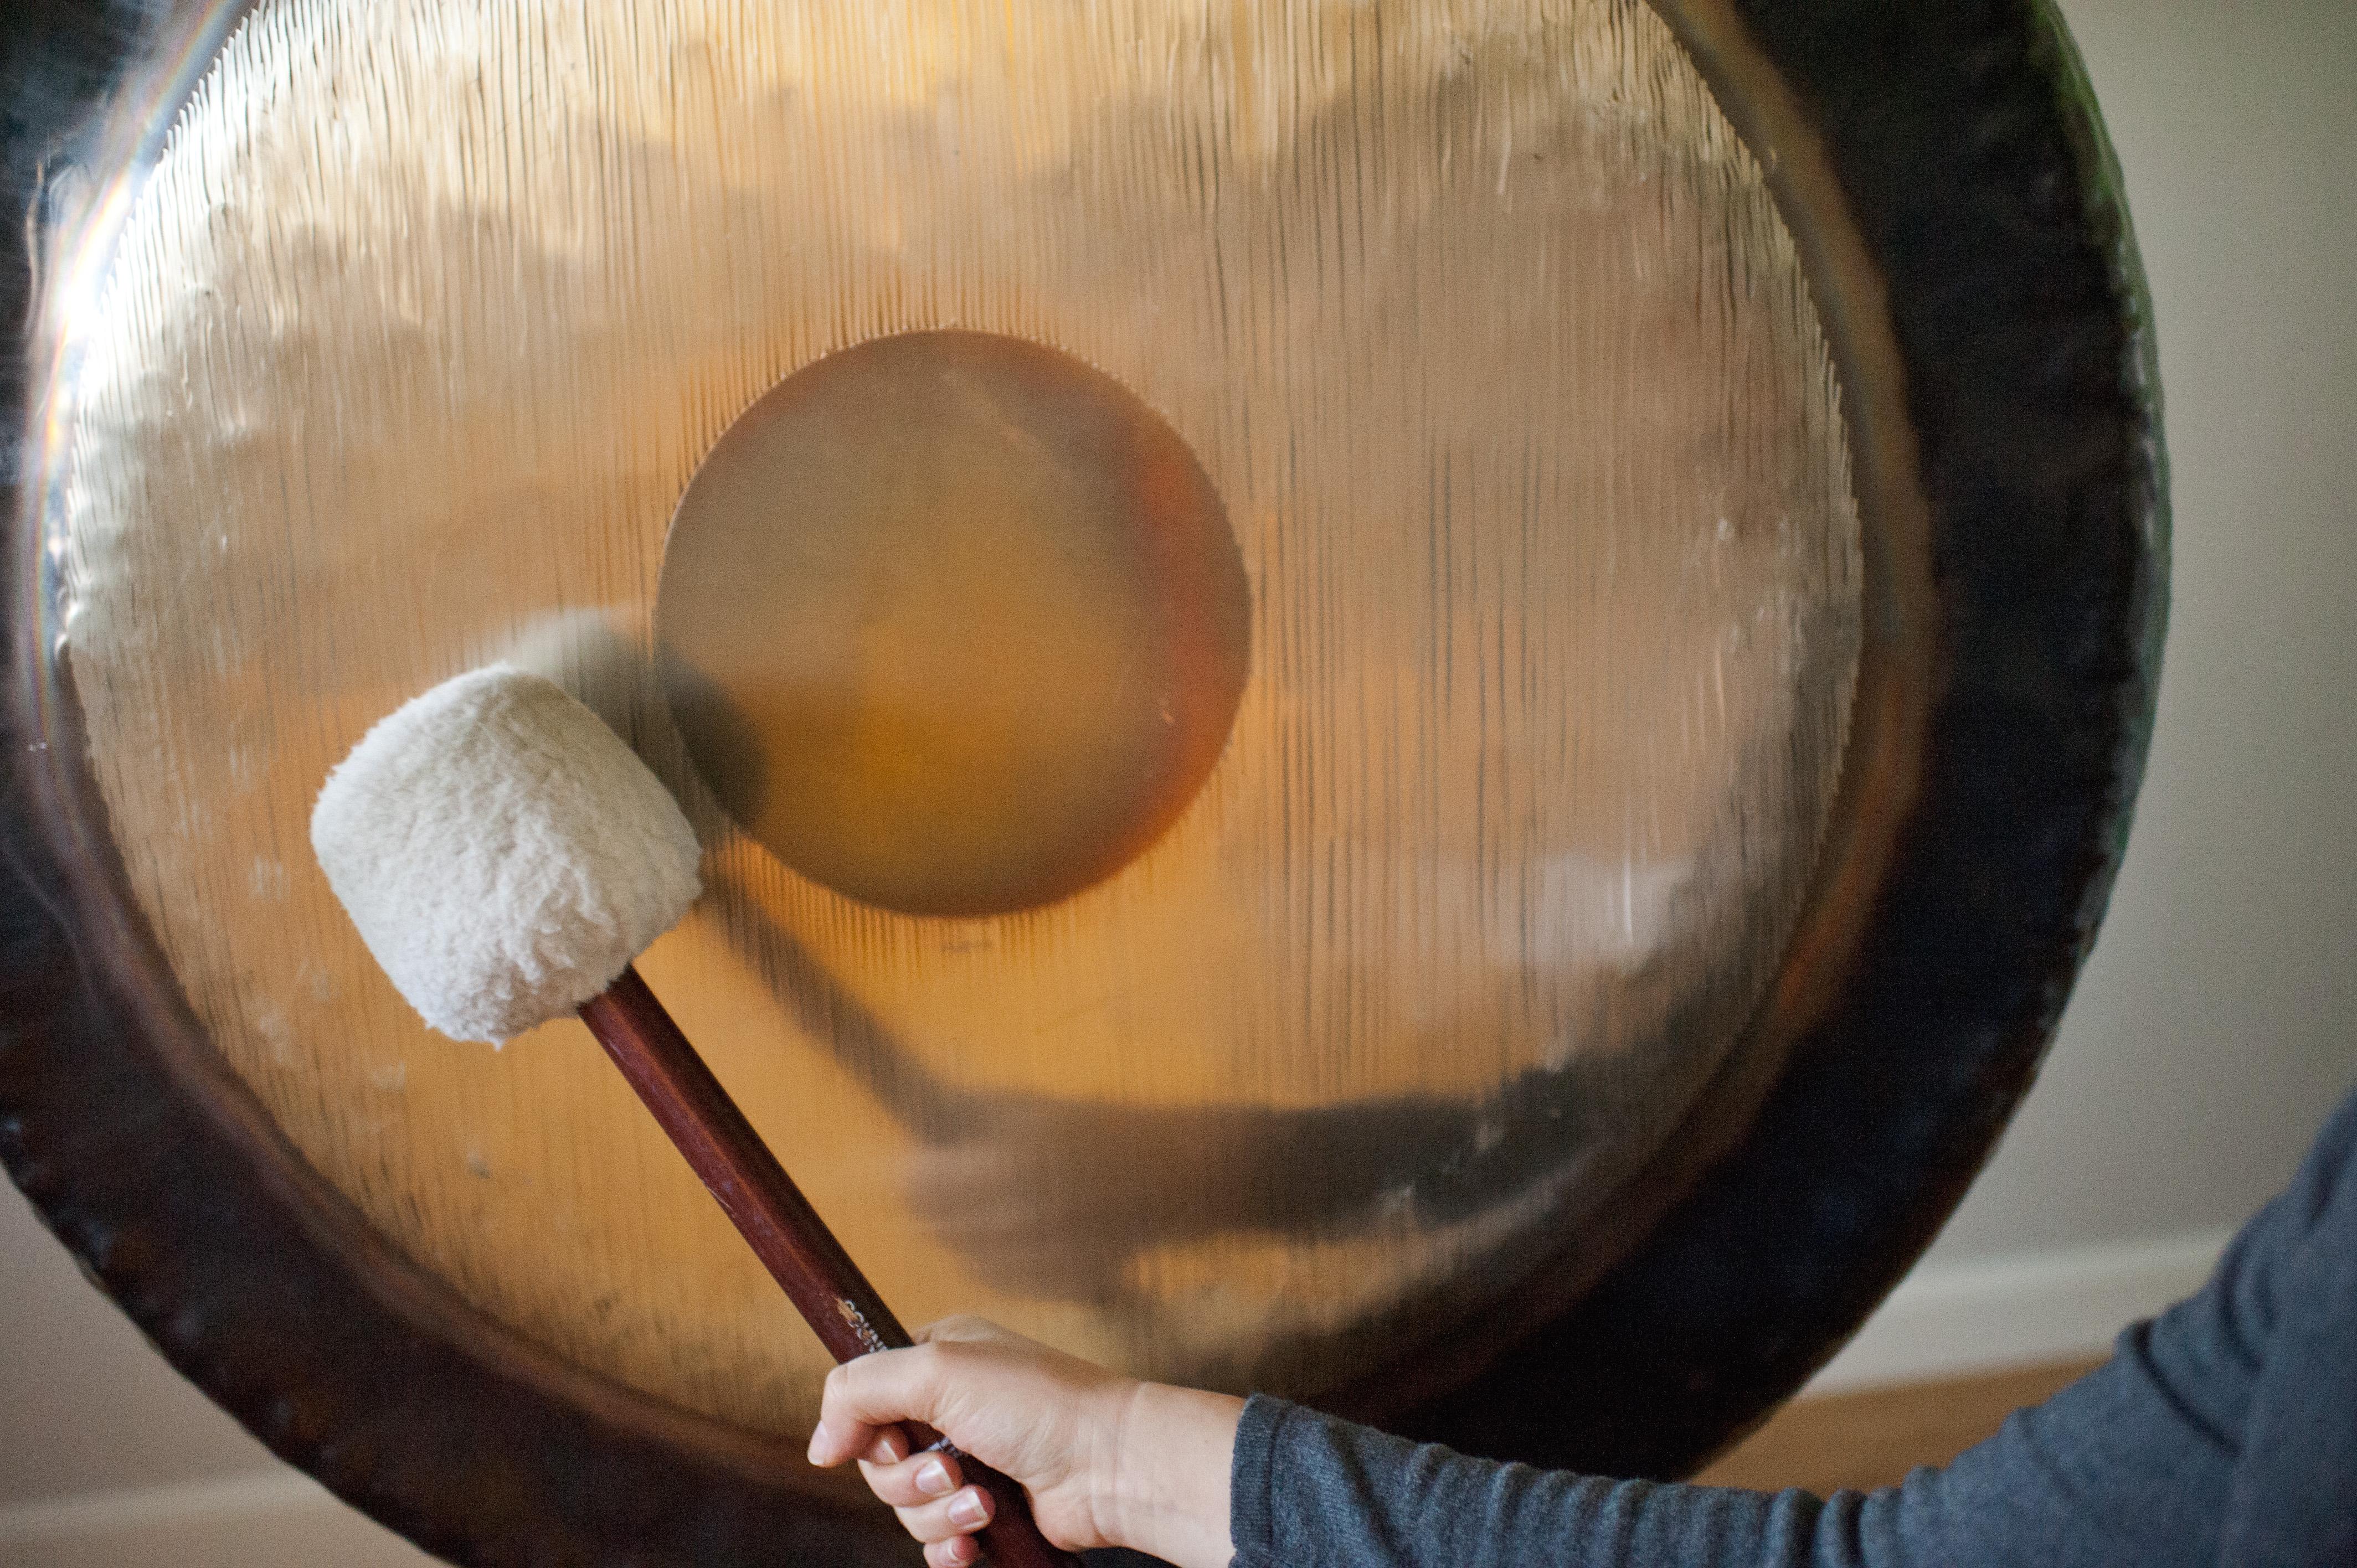 Bagno di gong un 39 esperienza curativa per il corpo e per - Bagno di gong effetti negativi ...